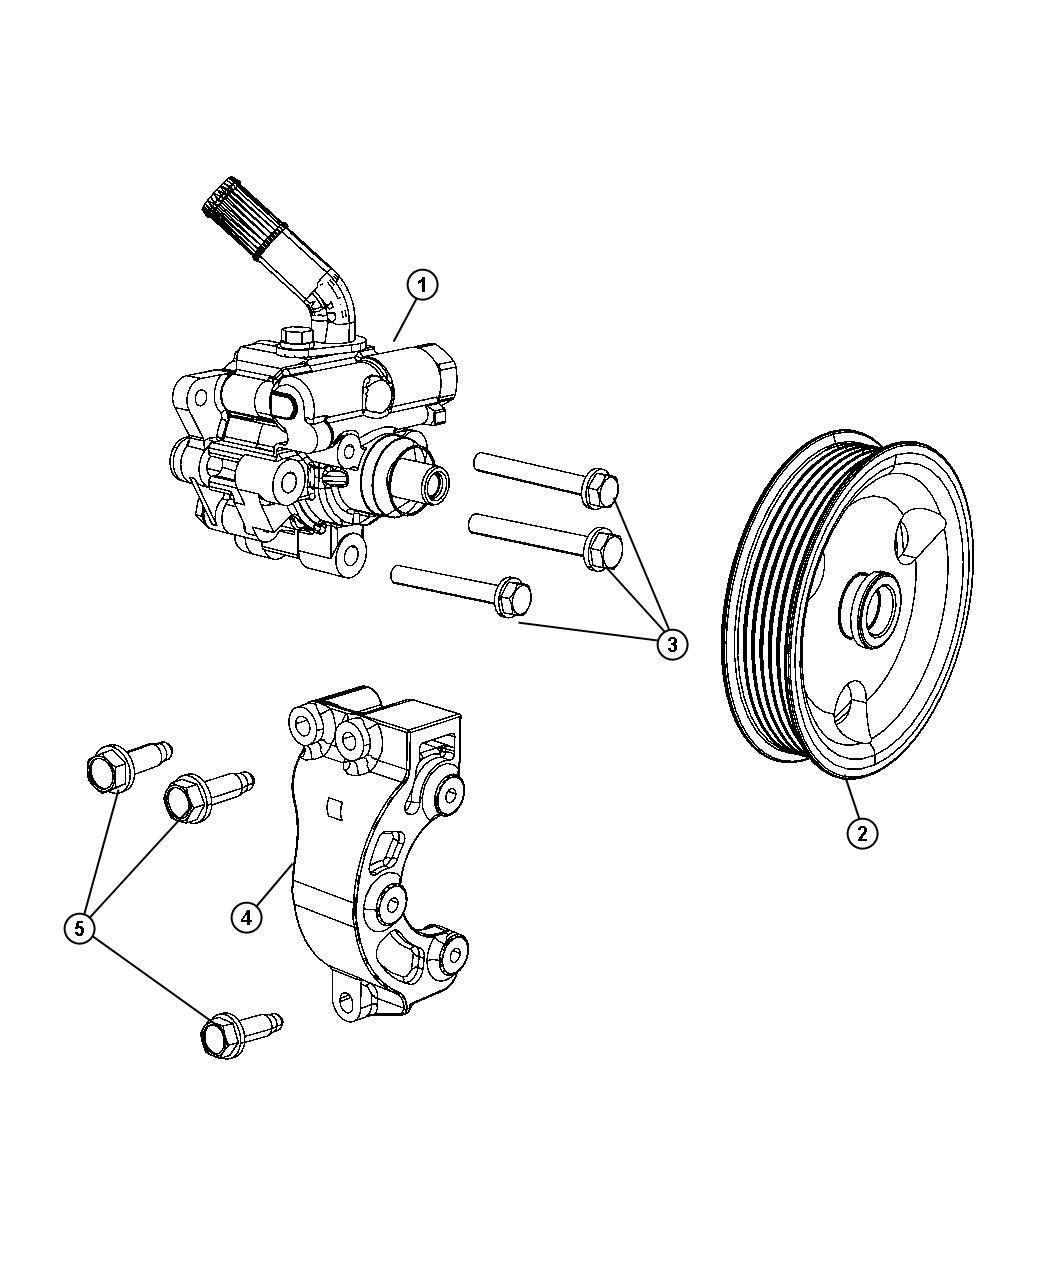 durango power steering pump diagram usb wire 2012 dodge remanufactured